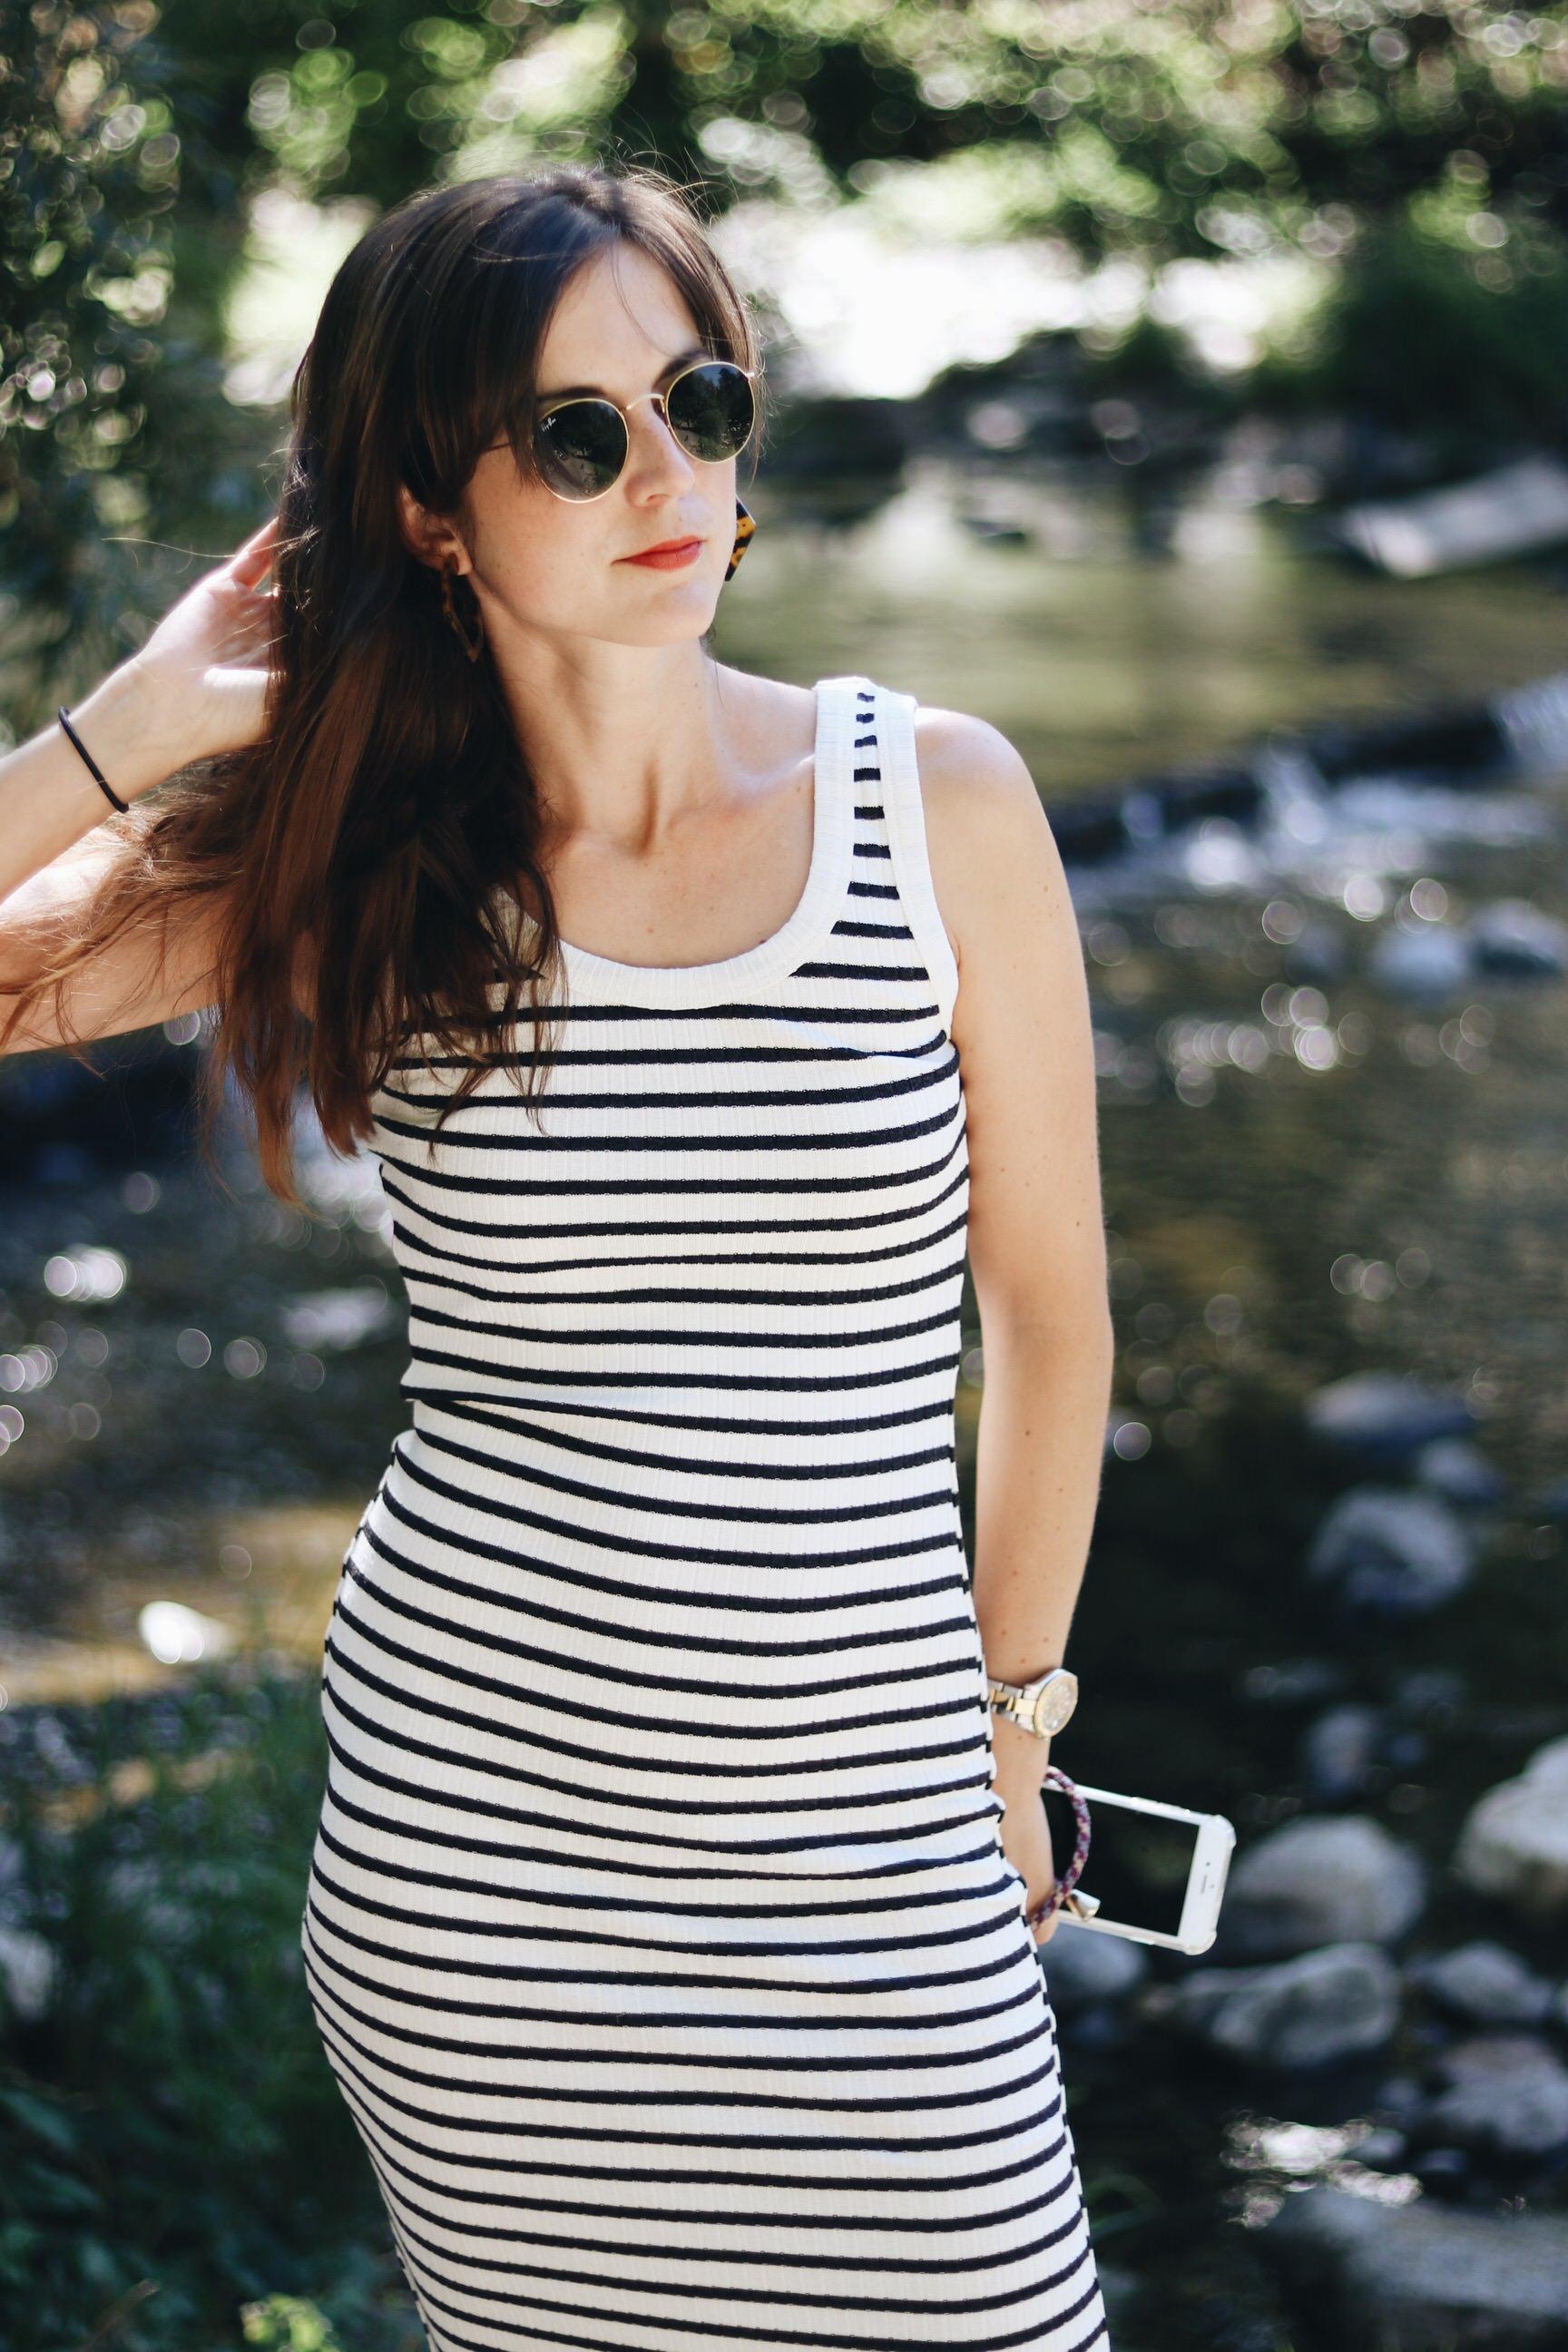 Sommerkleid schwarz weiss gestreift Blog Modeblog Outfit